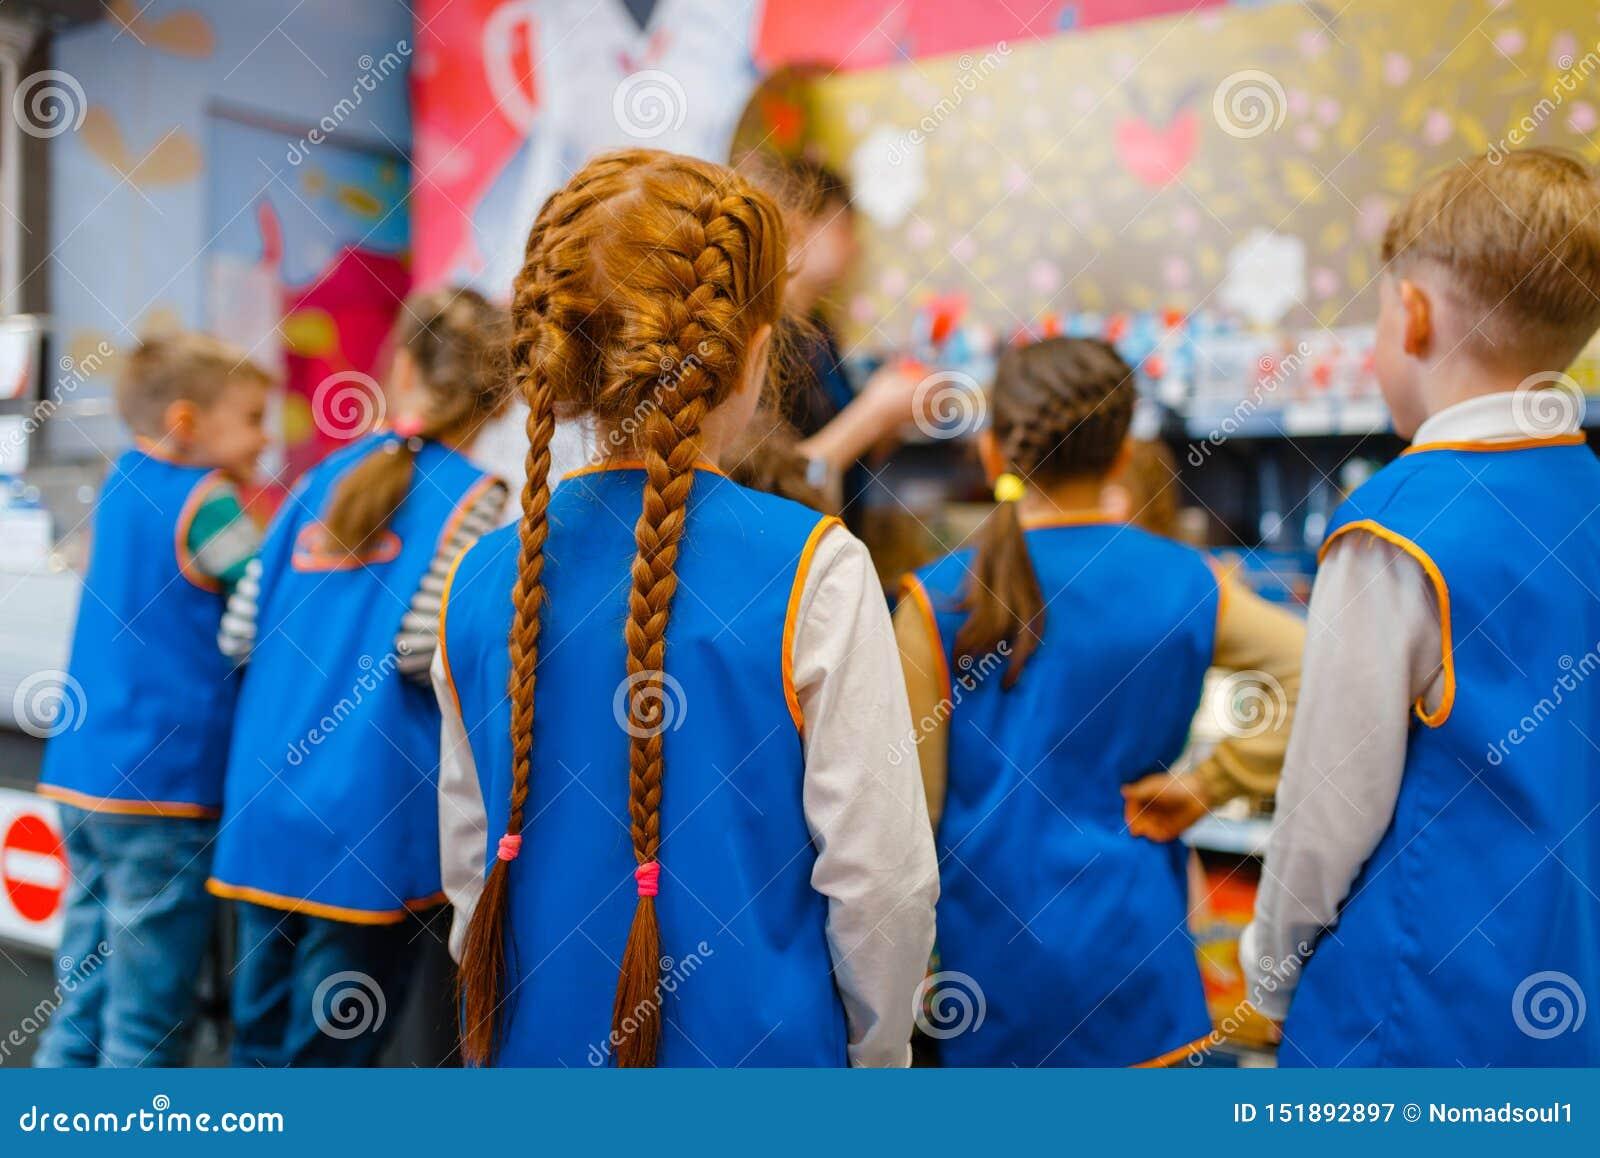 Παιδιά στους ομοιόμορφους παίζοντας πωλητές, χώρος για παιχνίδη